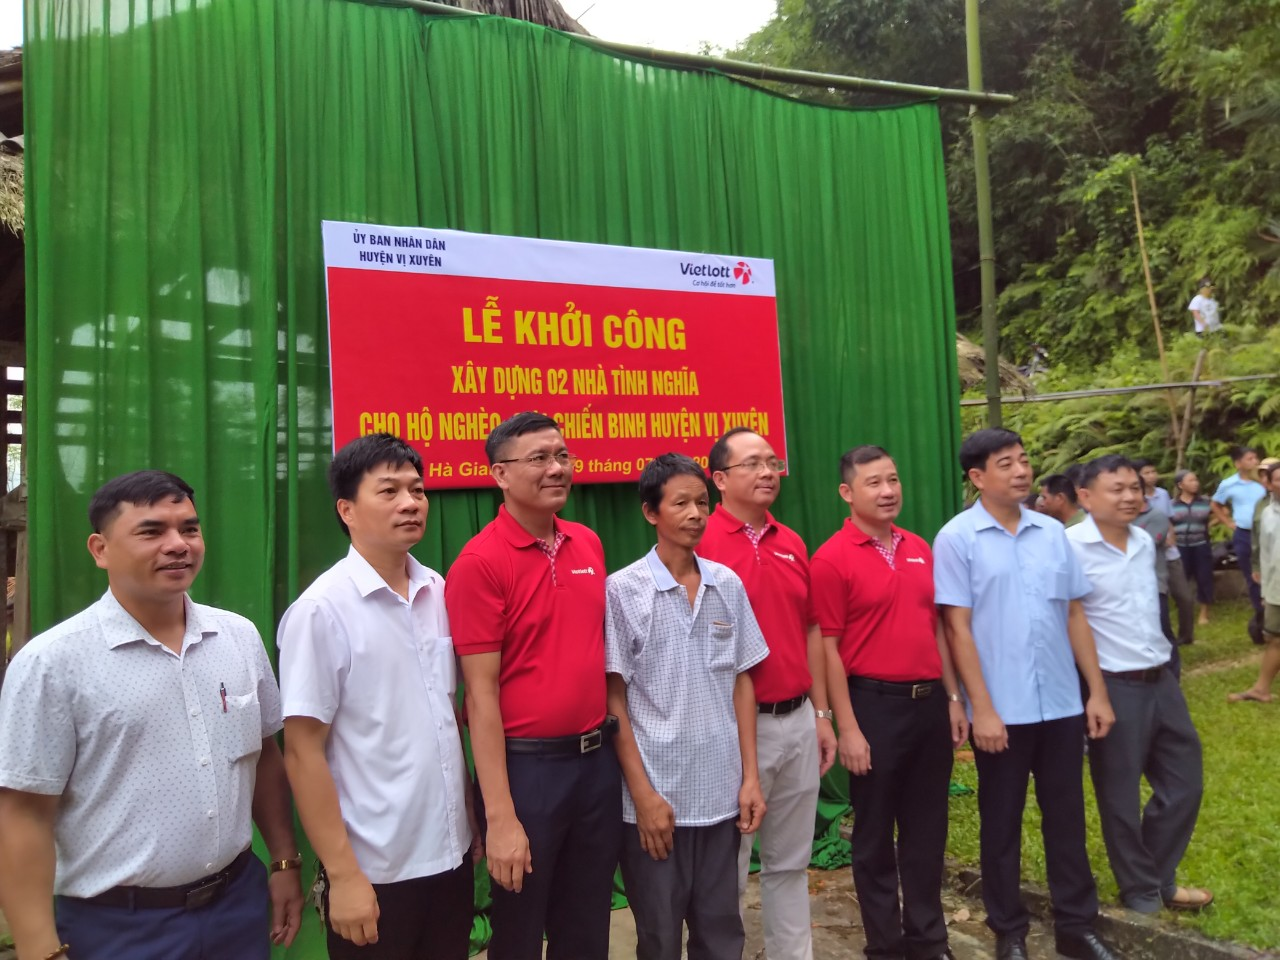 Cựu binh nghèo Vị Xuyên và ước mơ về căn nhà mới